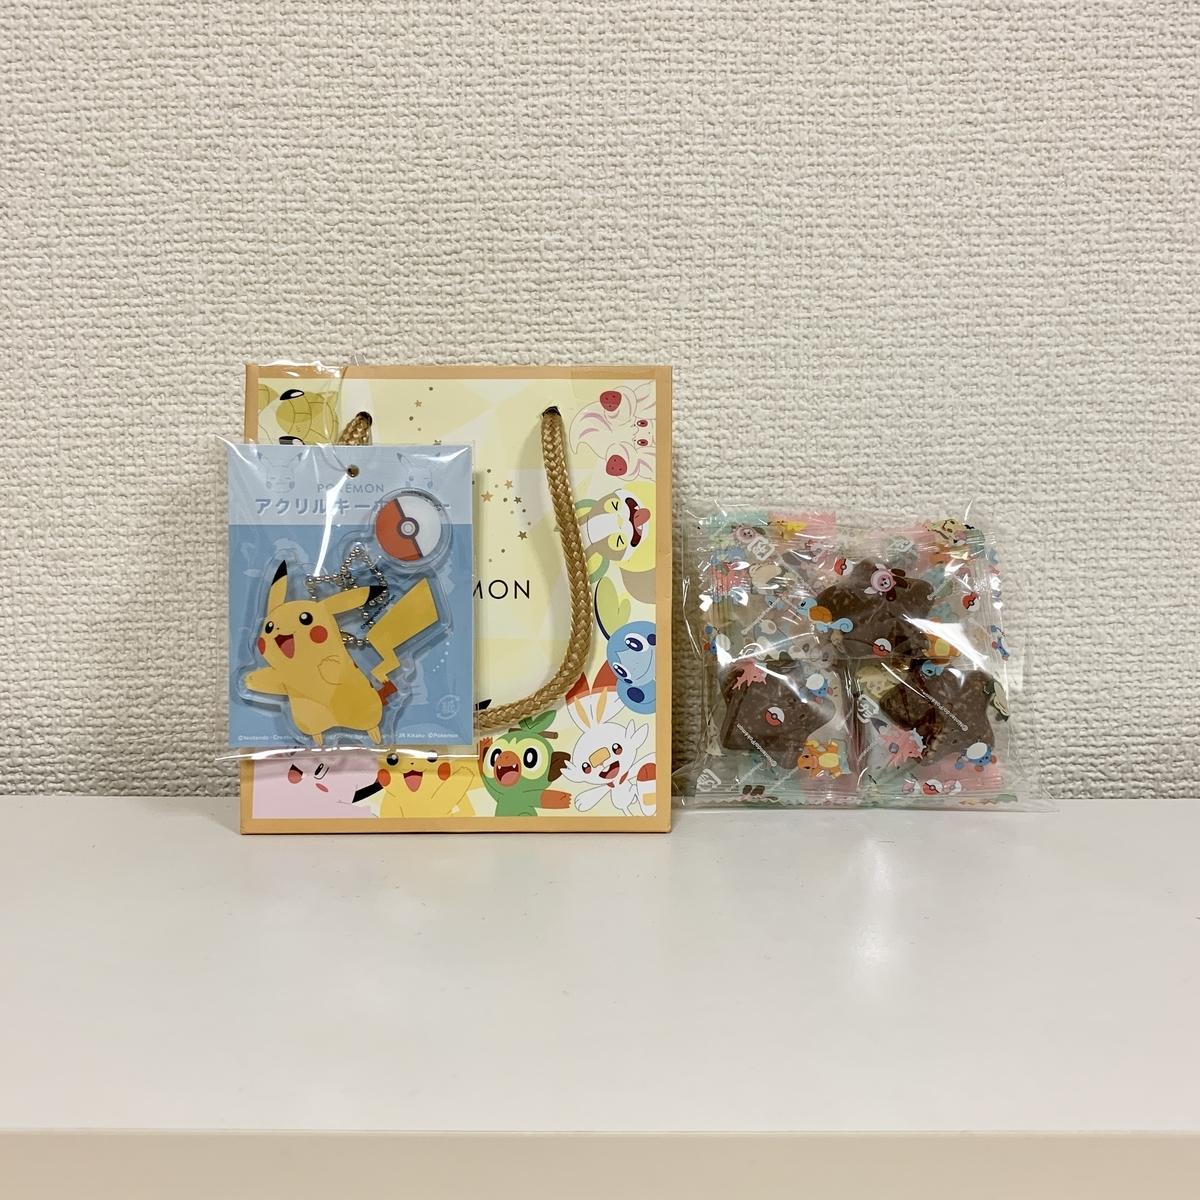 f:id:pikachu_pcn:20210110175000j:plain